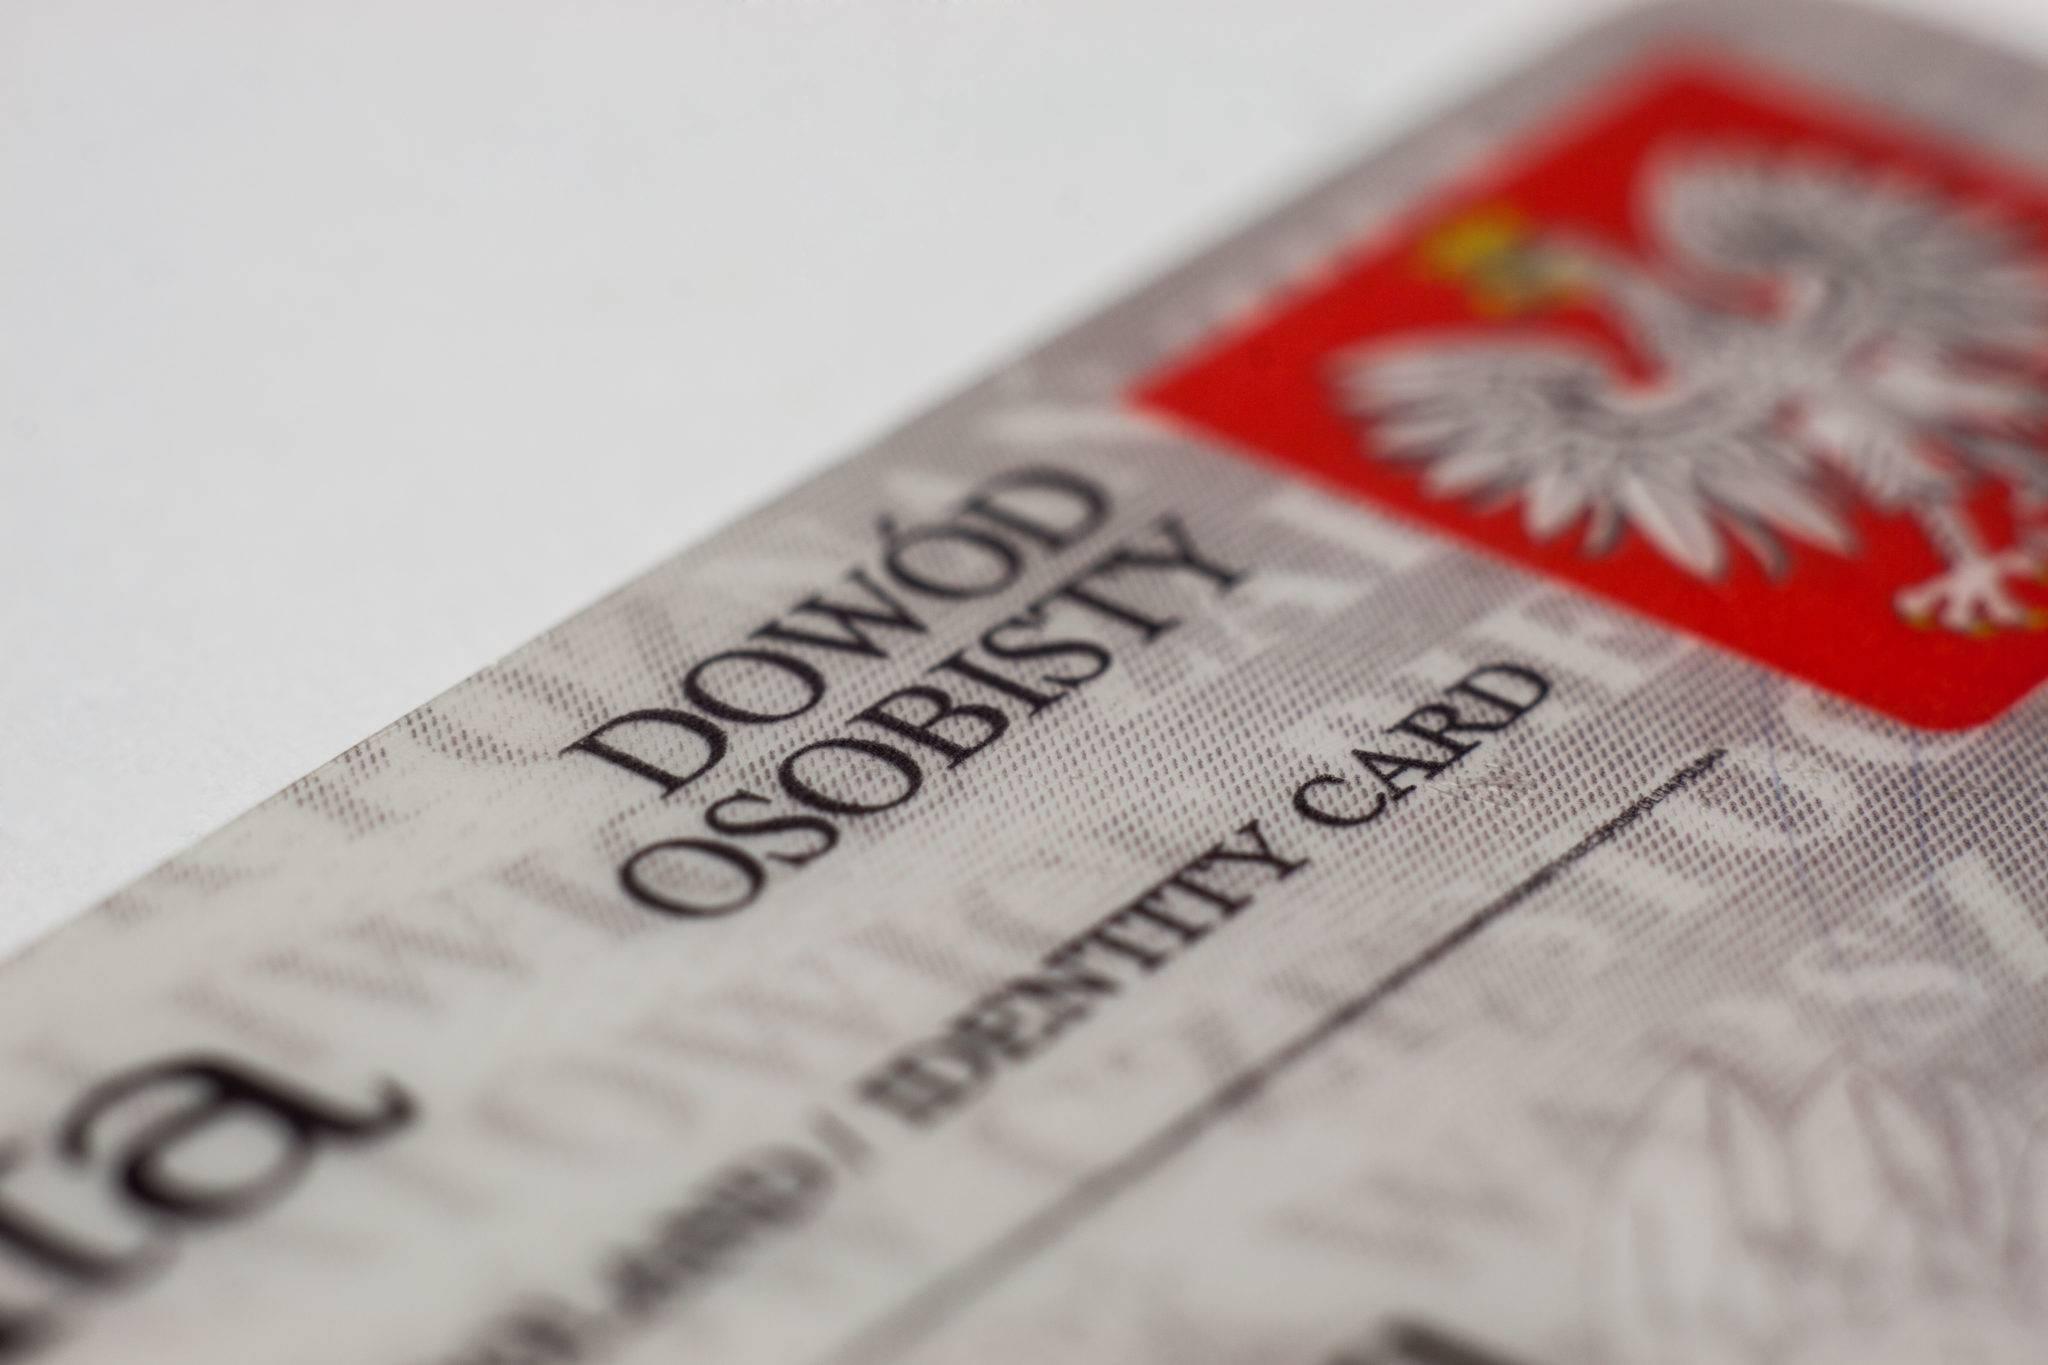 Как получить прописку в 2021 году: документы, временная регистрация, штрафы